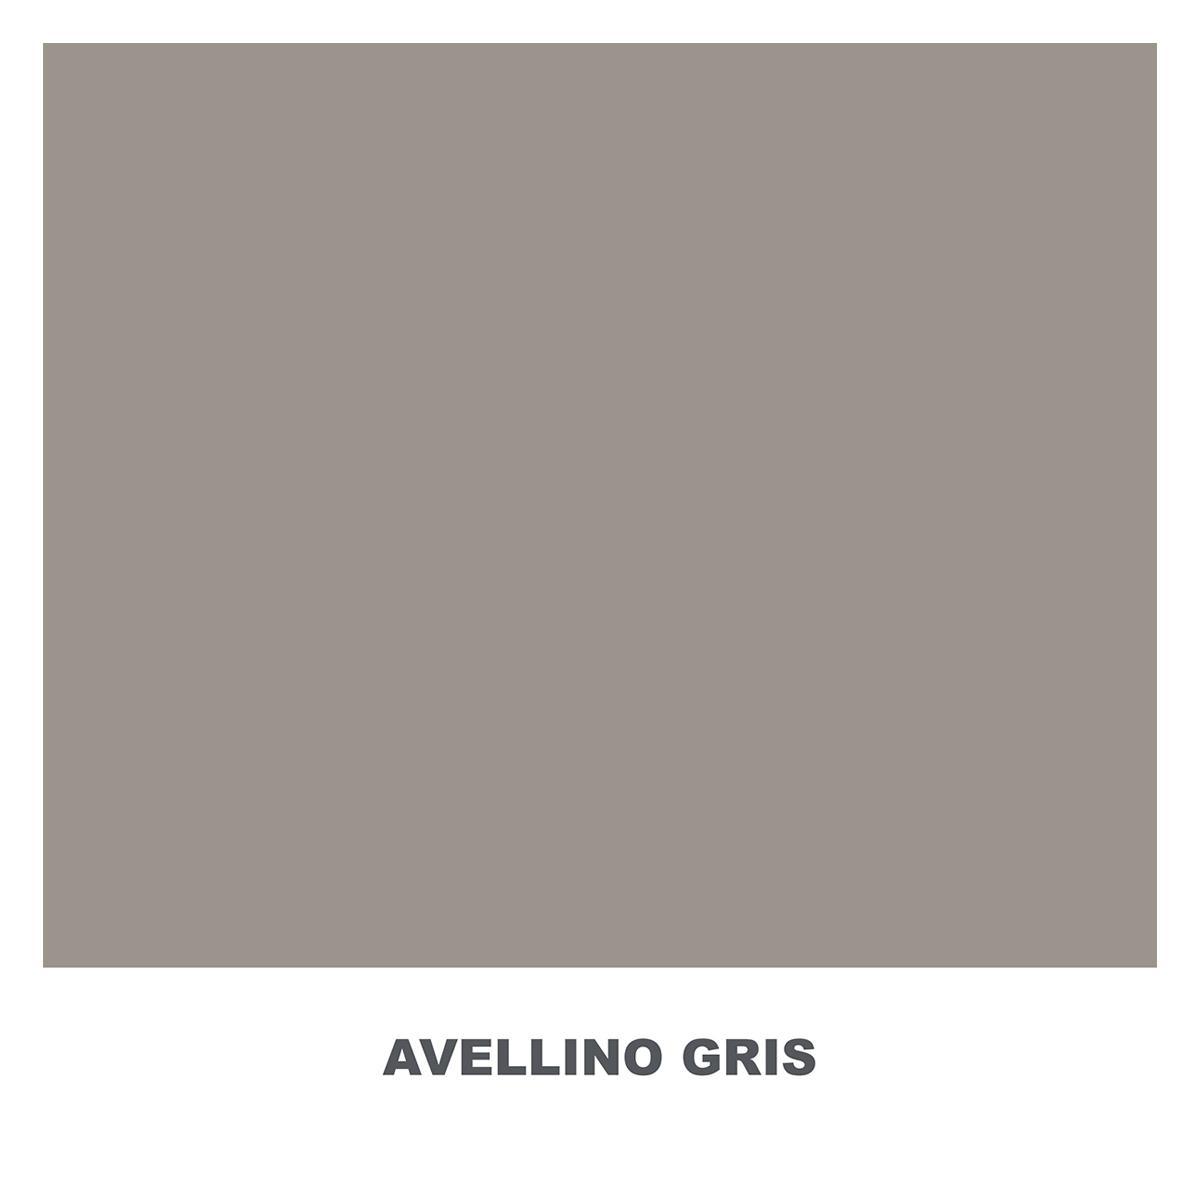 Super Porcelana Avellino 1KG - Gris